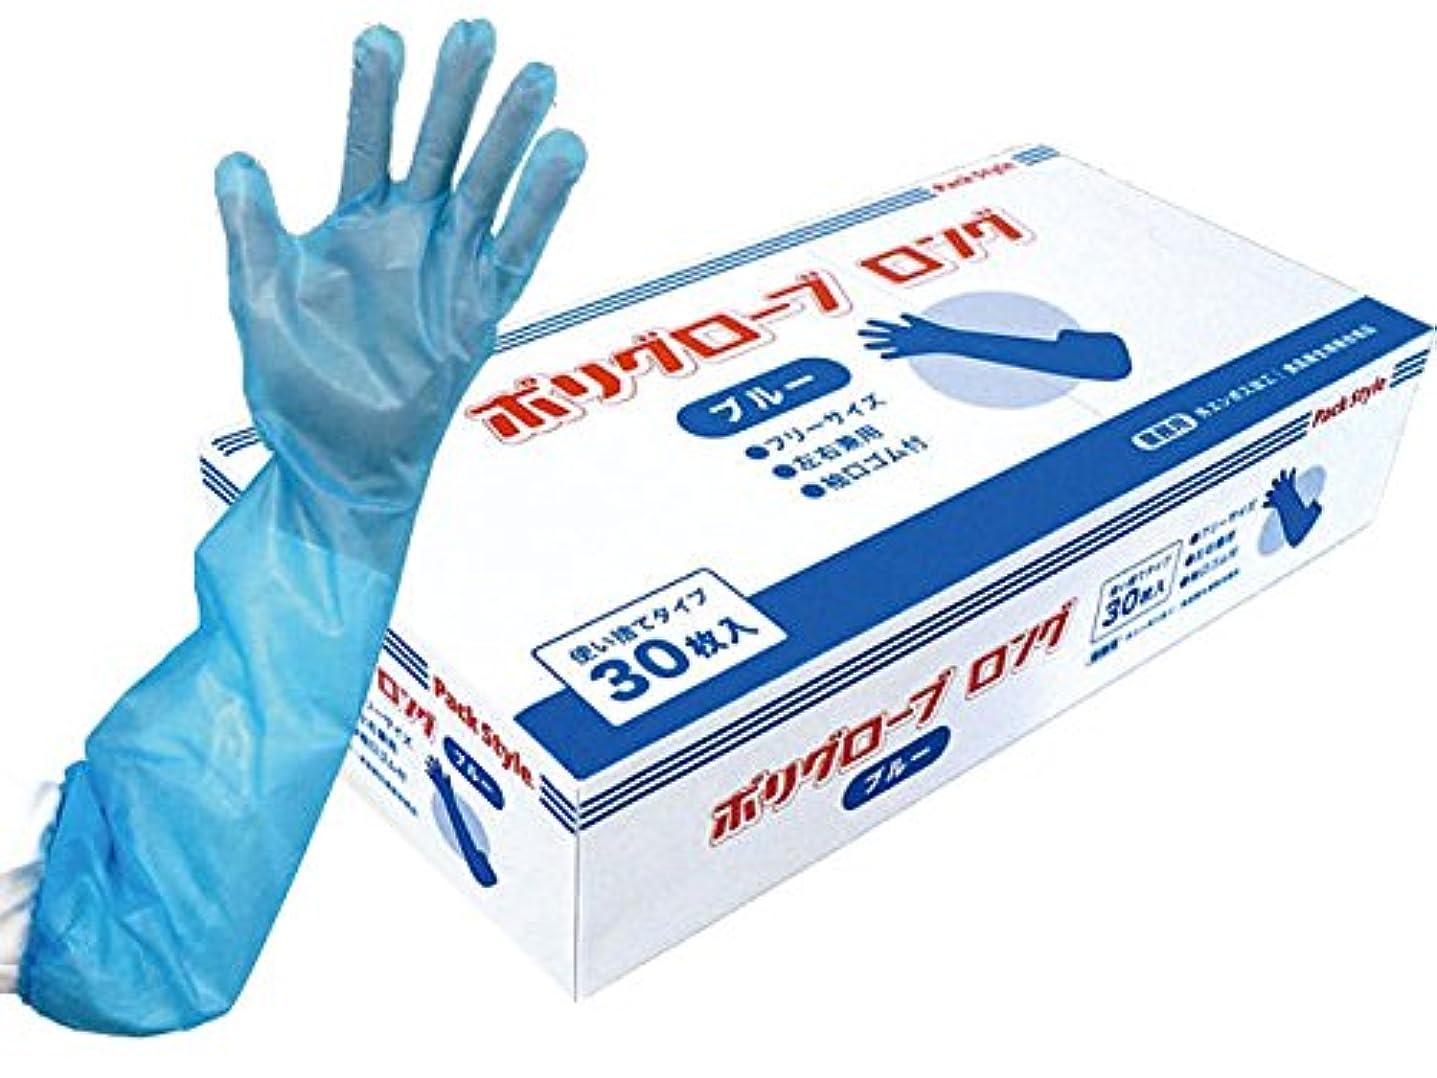 才能のあるヒント接続されたパックスタイル 使い捨て ポリ手袋 ポリグローブロング 袖口ゴム付 青 600枚 00493319